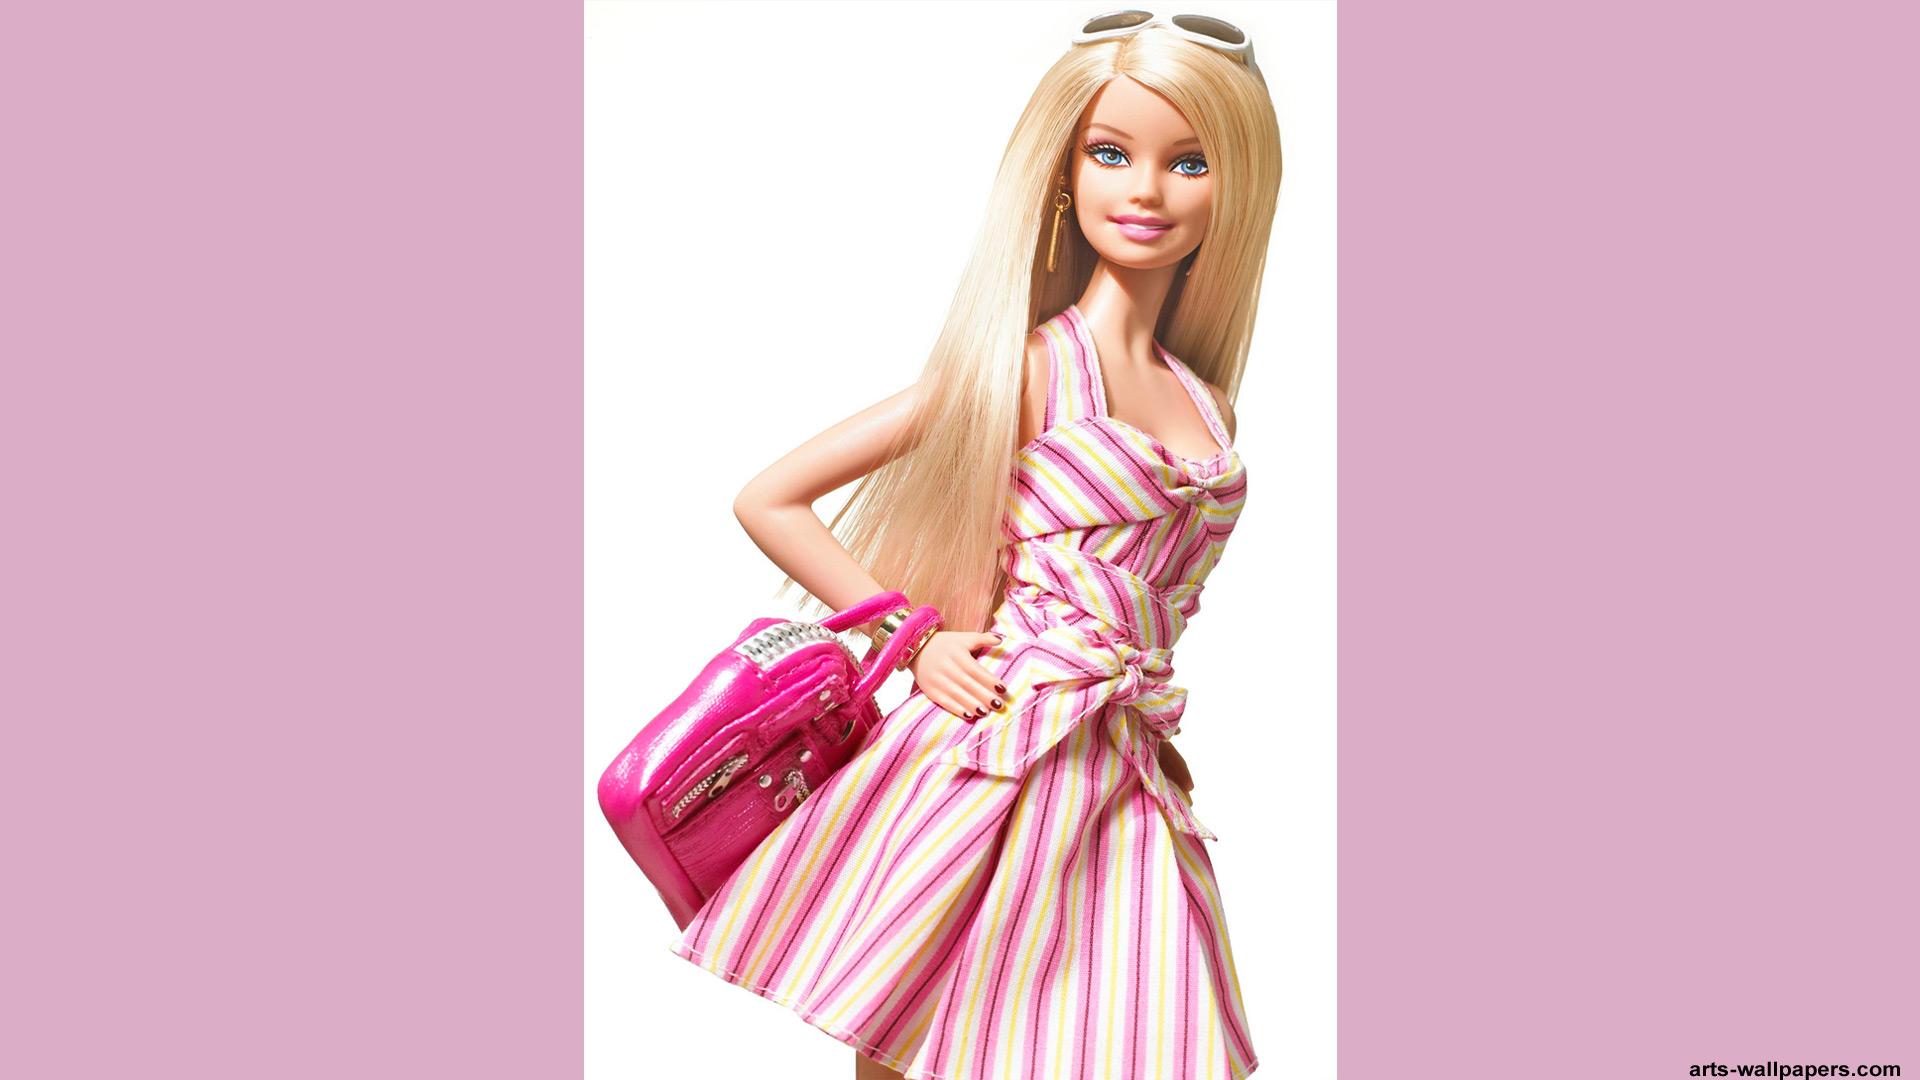 Single Barbie Wallpaper For Desktop Images Free Download